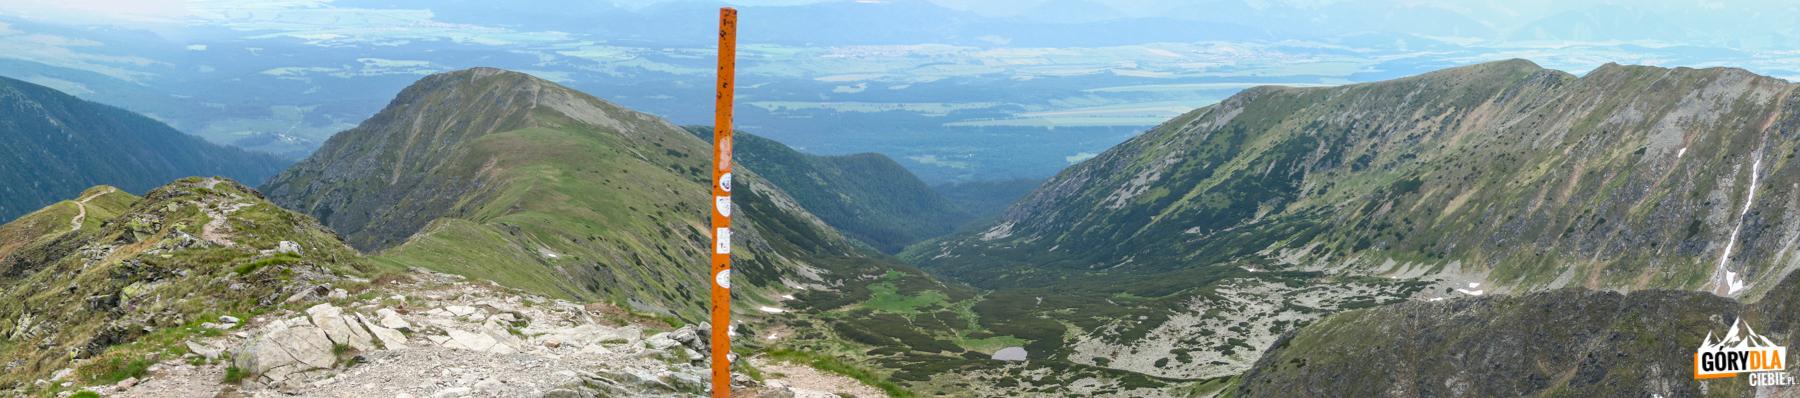 Widok zBystrej (2248 m) naDolinę Bystrą